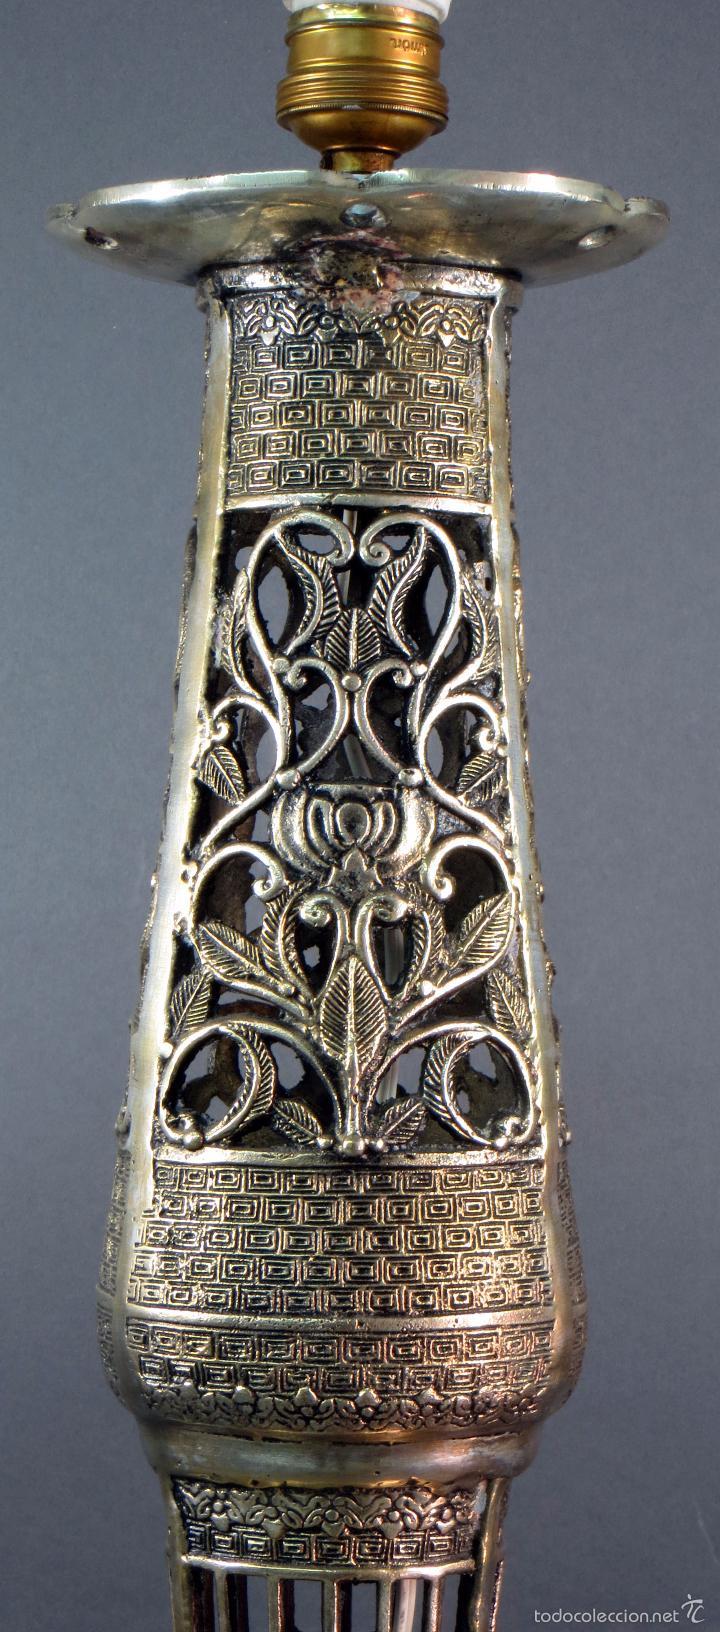 Antigüedades: Pie lámpara sobremesa bronce plateado estilo oriental S XX Funciona - Foto 8 - 58682684